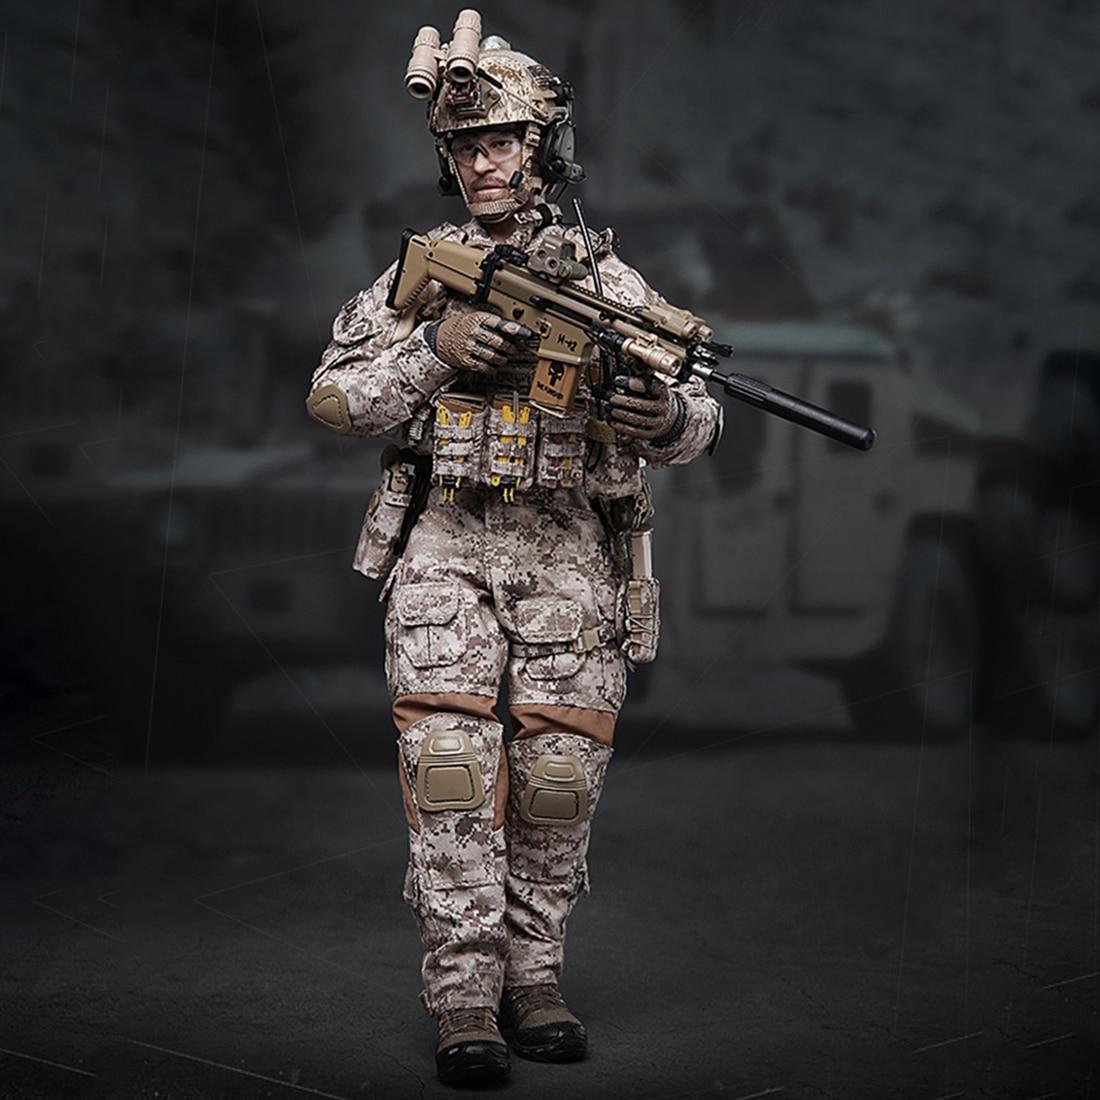 1/6 30cm soldat modèle réaliste Headsculpt bricolage mobile armée américaine marine sceaux militaire Figure modèle jouet pour enfants adultes